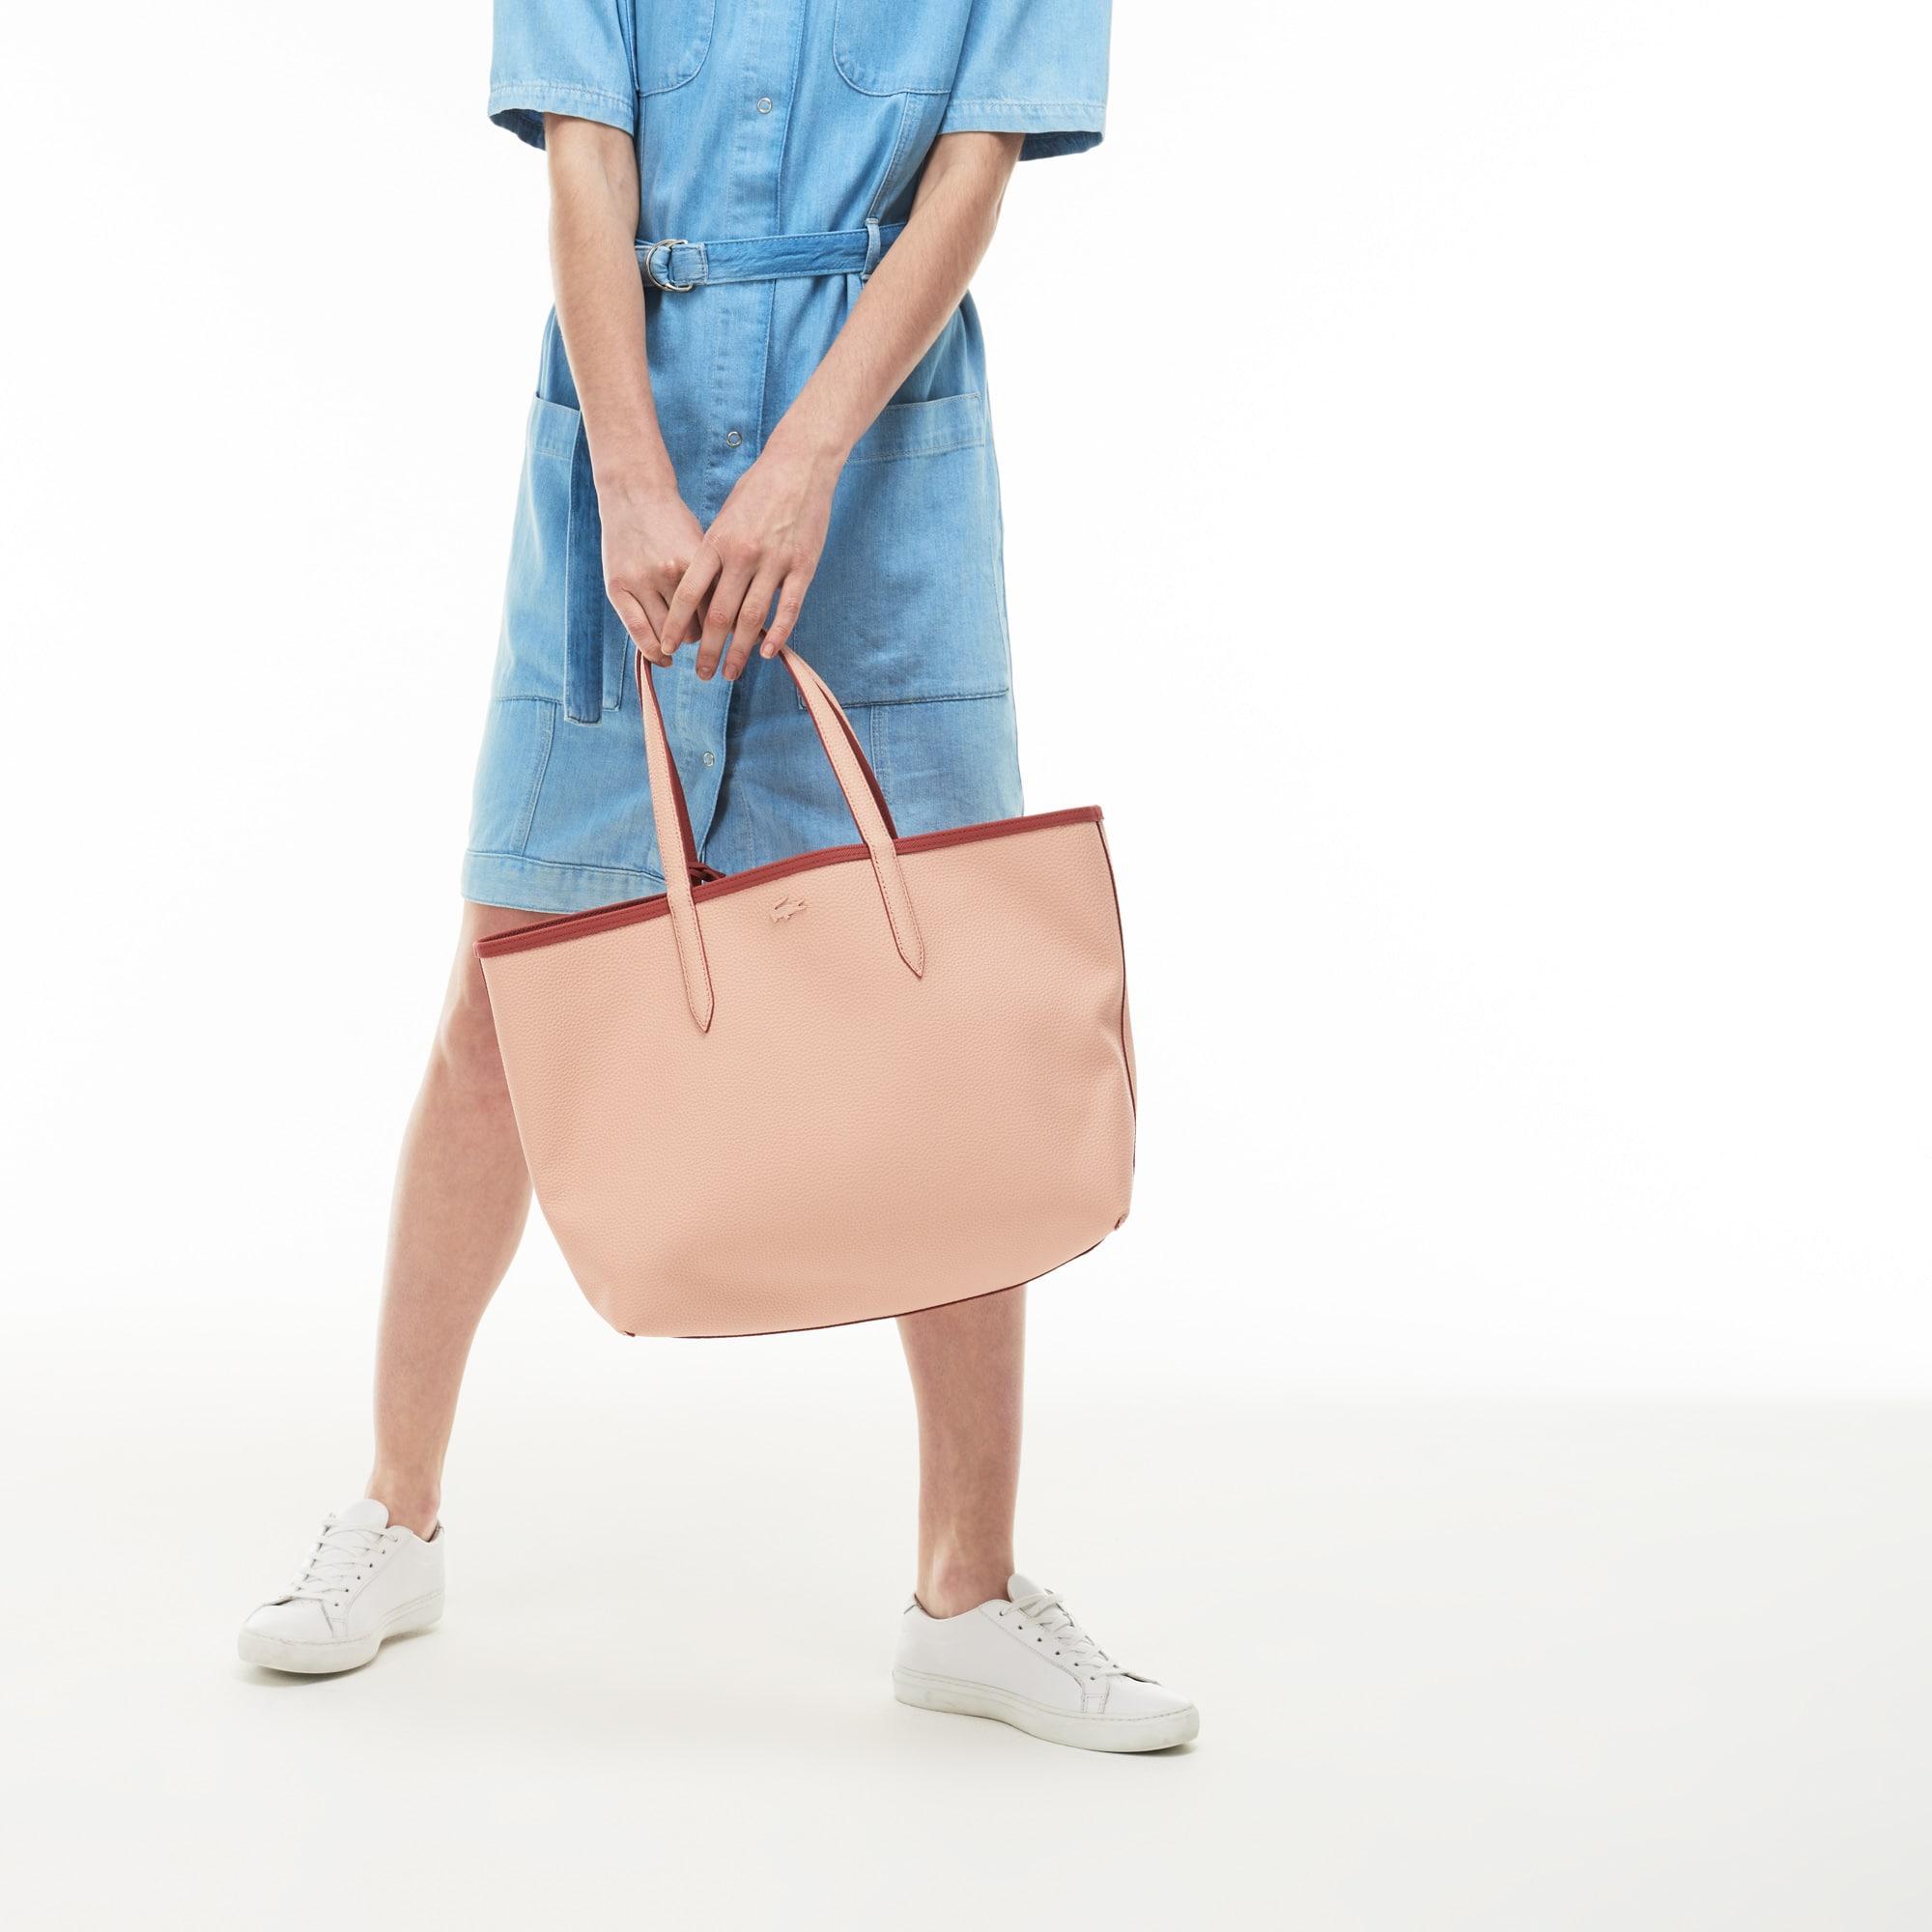 Anna-shopper dames omkeerbaar tweekleurig